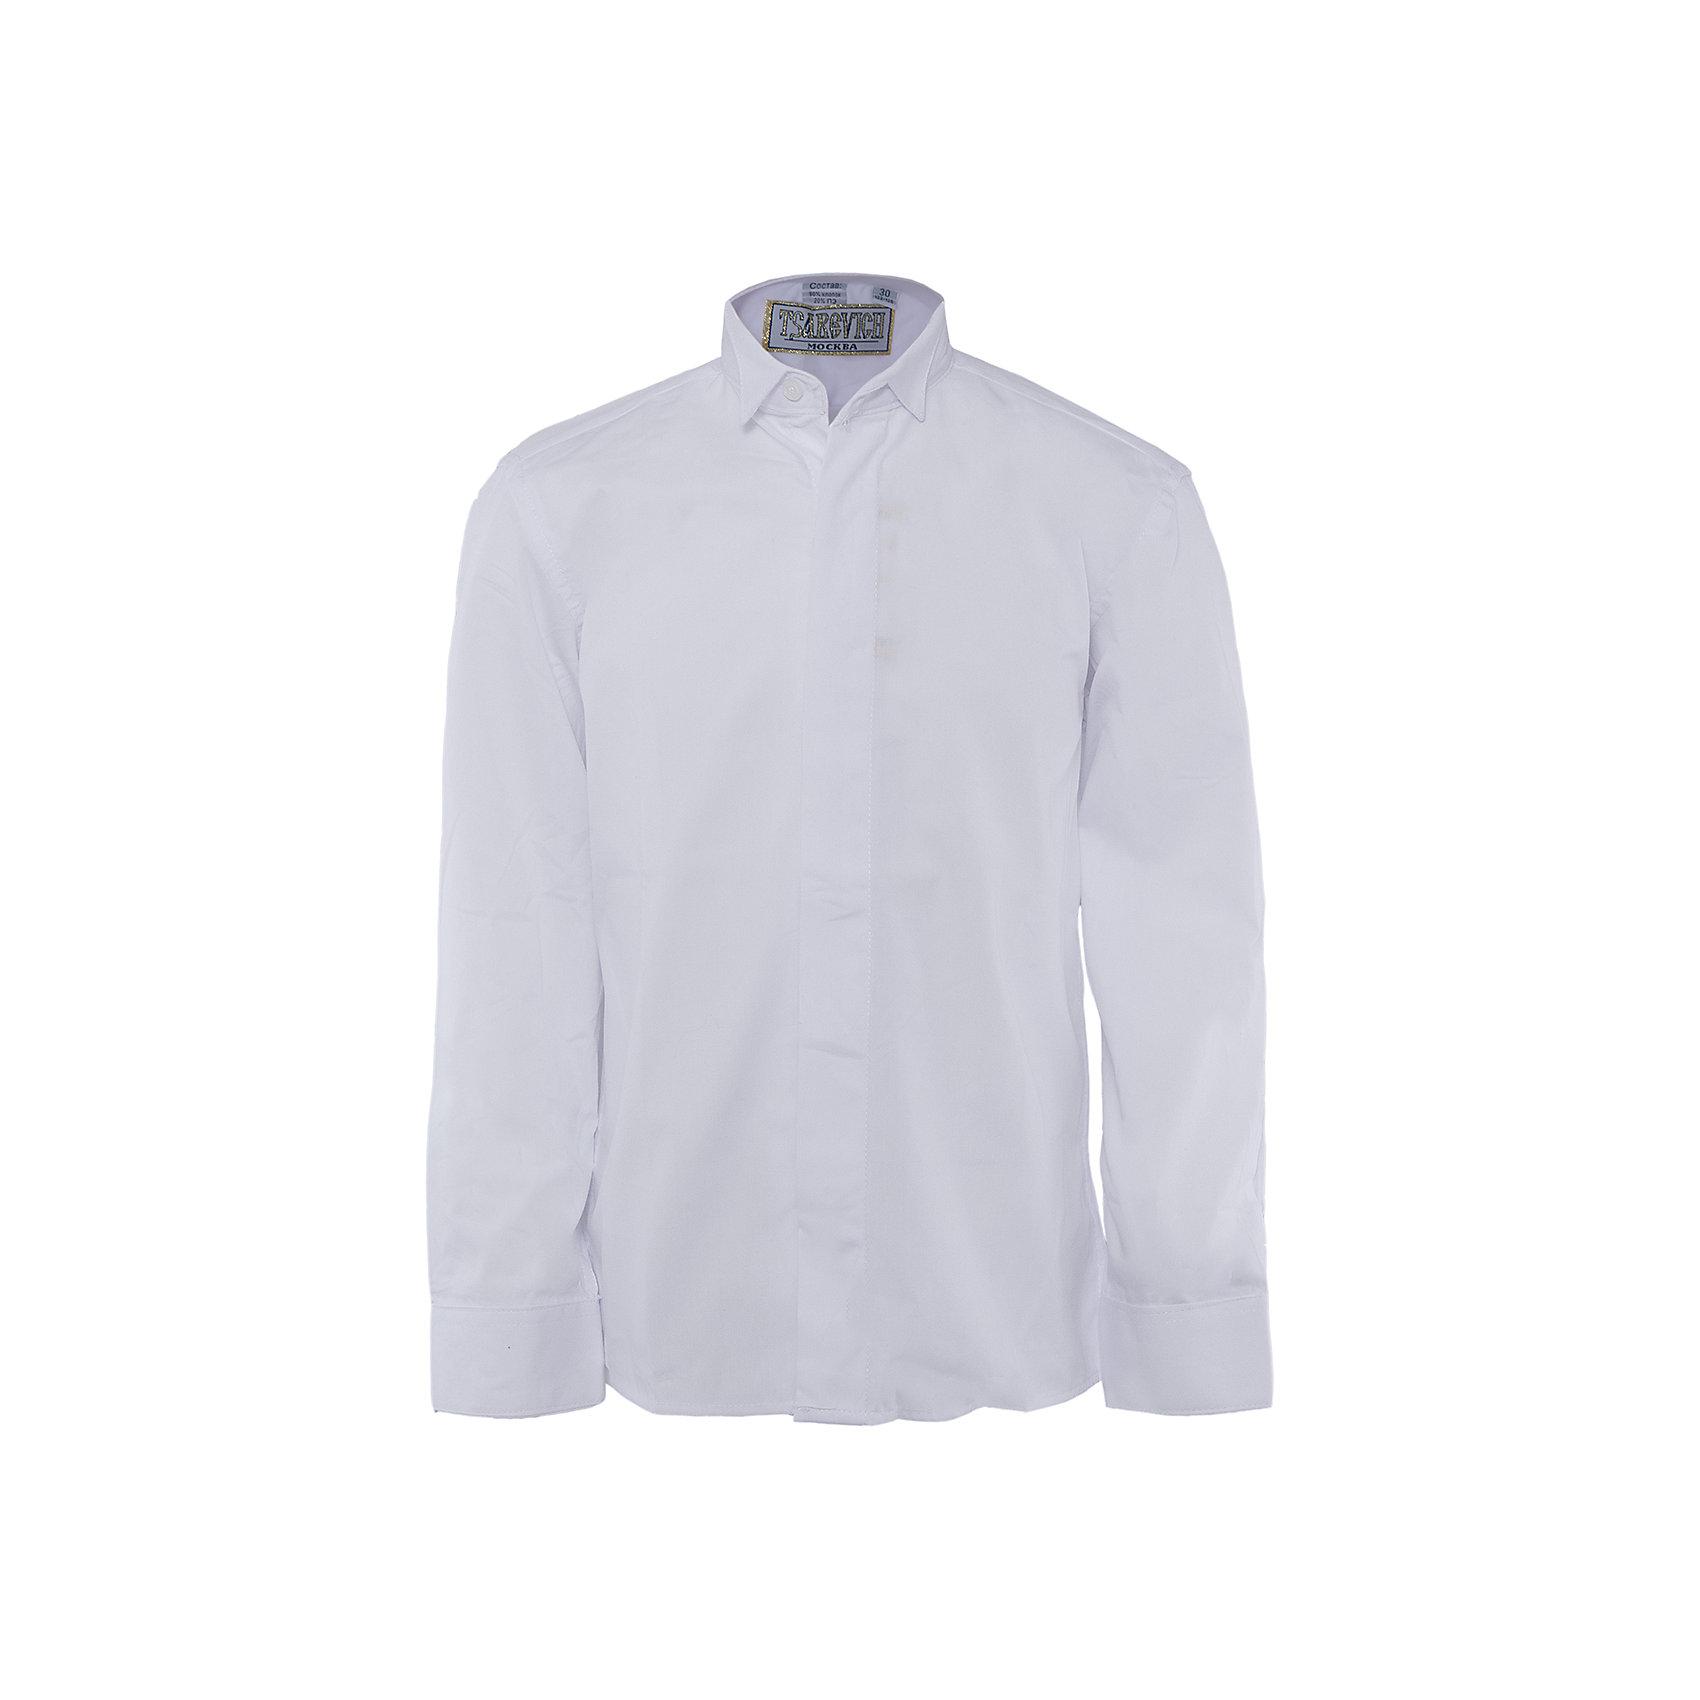 Рубашка для мальчика ImperatorКлассическая рубашка - неотьемлемая вещь в гардеробе. Модель на пуговицах, с отложным воротником. Свободный покрой не стеснит движений и позволит чувствовать себя комфортно каждый день.  <br>Состав 55 % хл. 45% П/Э<br><br>Ширина мм: 174<br>Глубина мм: 10<br>Высота мм: 169<br>Вес г: 157<br>Цвет: синий<br>Возраст от месяцев: 168<br>Возраст до месяцев: 180<br>Пол: Мужской<br>Возраст: Детский<br>Размер: 134/140,128/134,122/128,164/170,158/164,152/158,146/152,140/146<br>SKU: 4753863